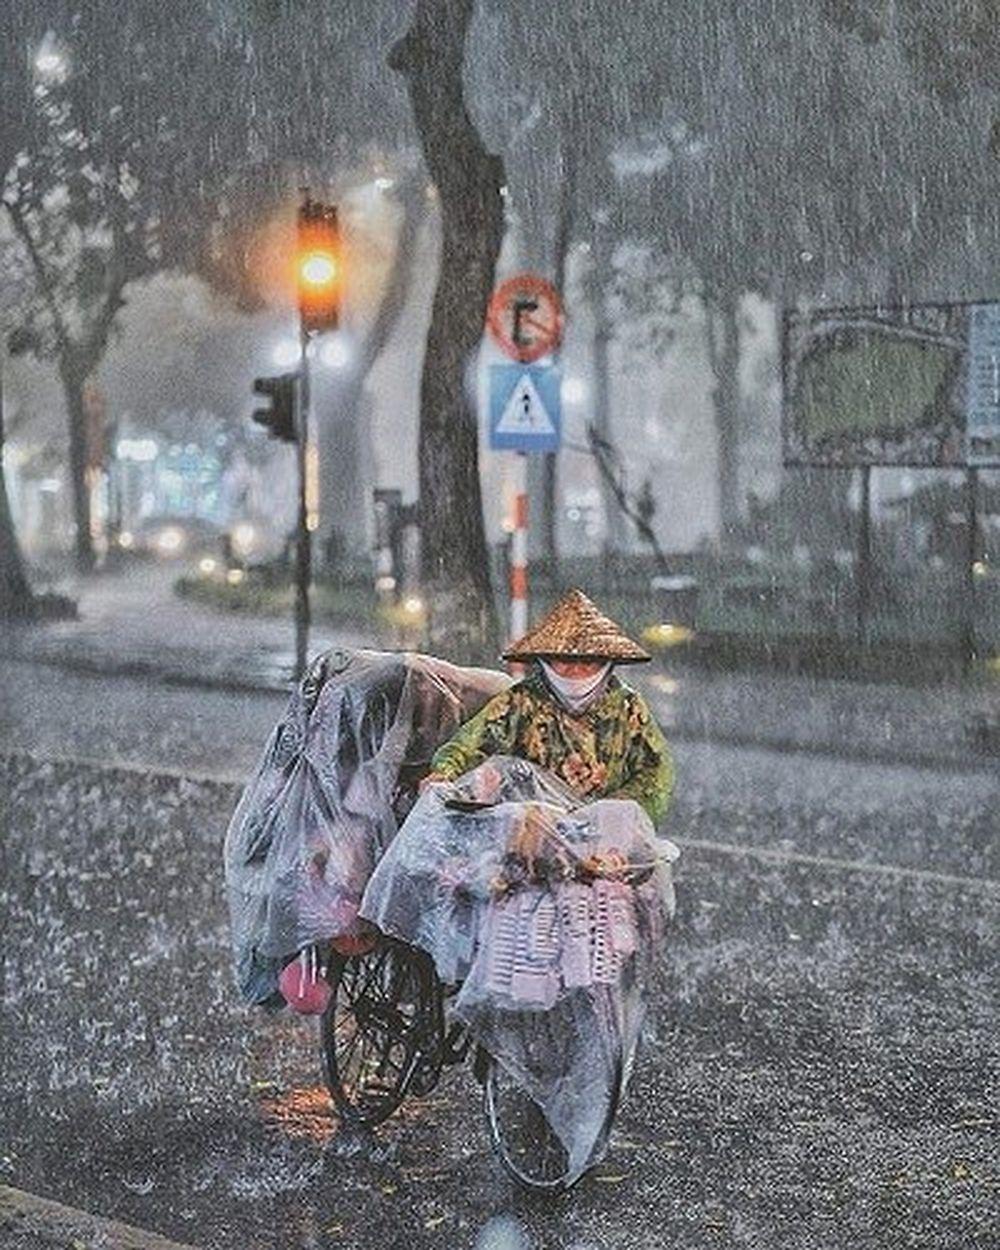 Yêu, ghét, vui, buồn, cô đơn, hạnh phúc, dữ dội, trầm mặc... Ta đều có thể bắt gặp khi mưa về trên những con phố, hàng cây quen thuộc ấy.